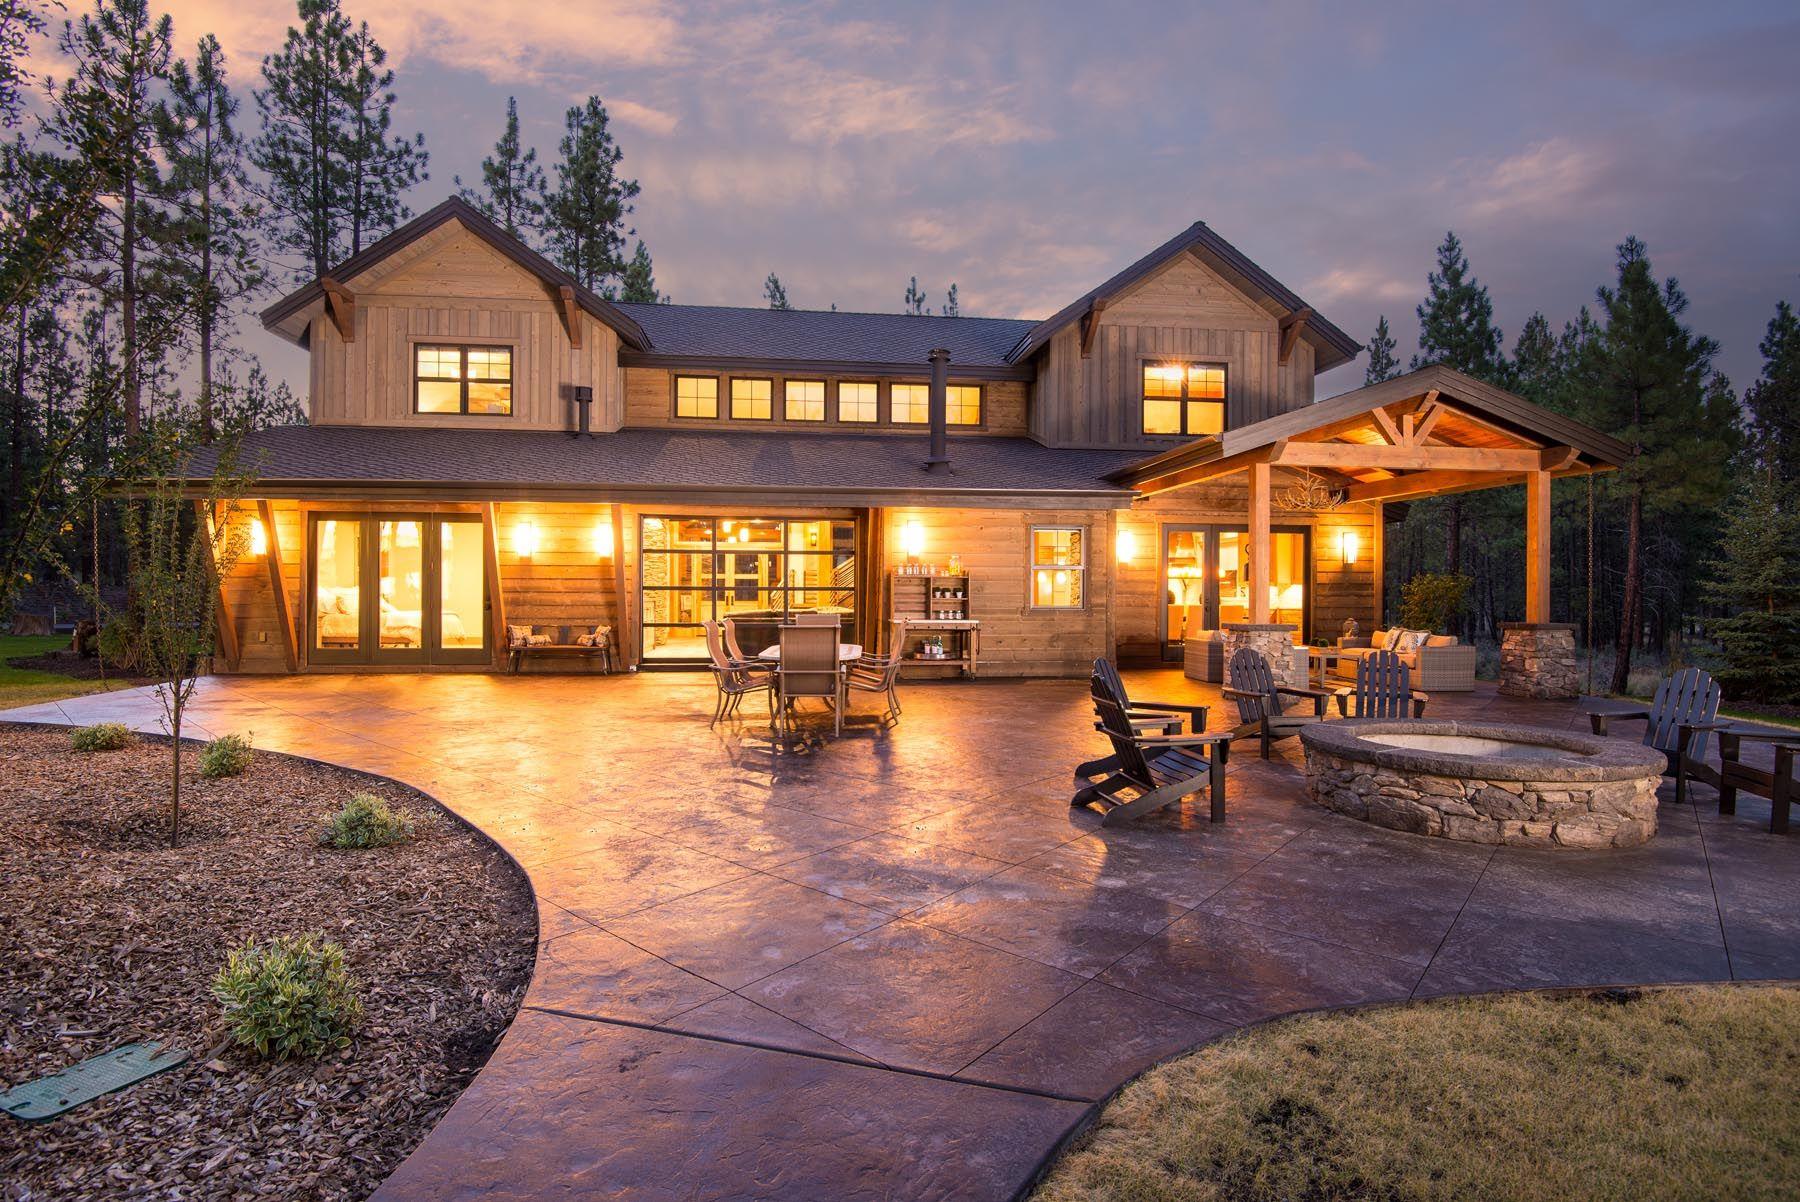 Custom Homes Photo Gallery - Custom Home Builders in Bend Oregon   Pacific Home Builders ...